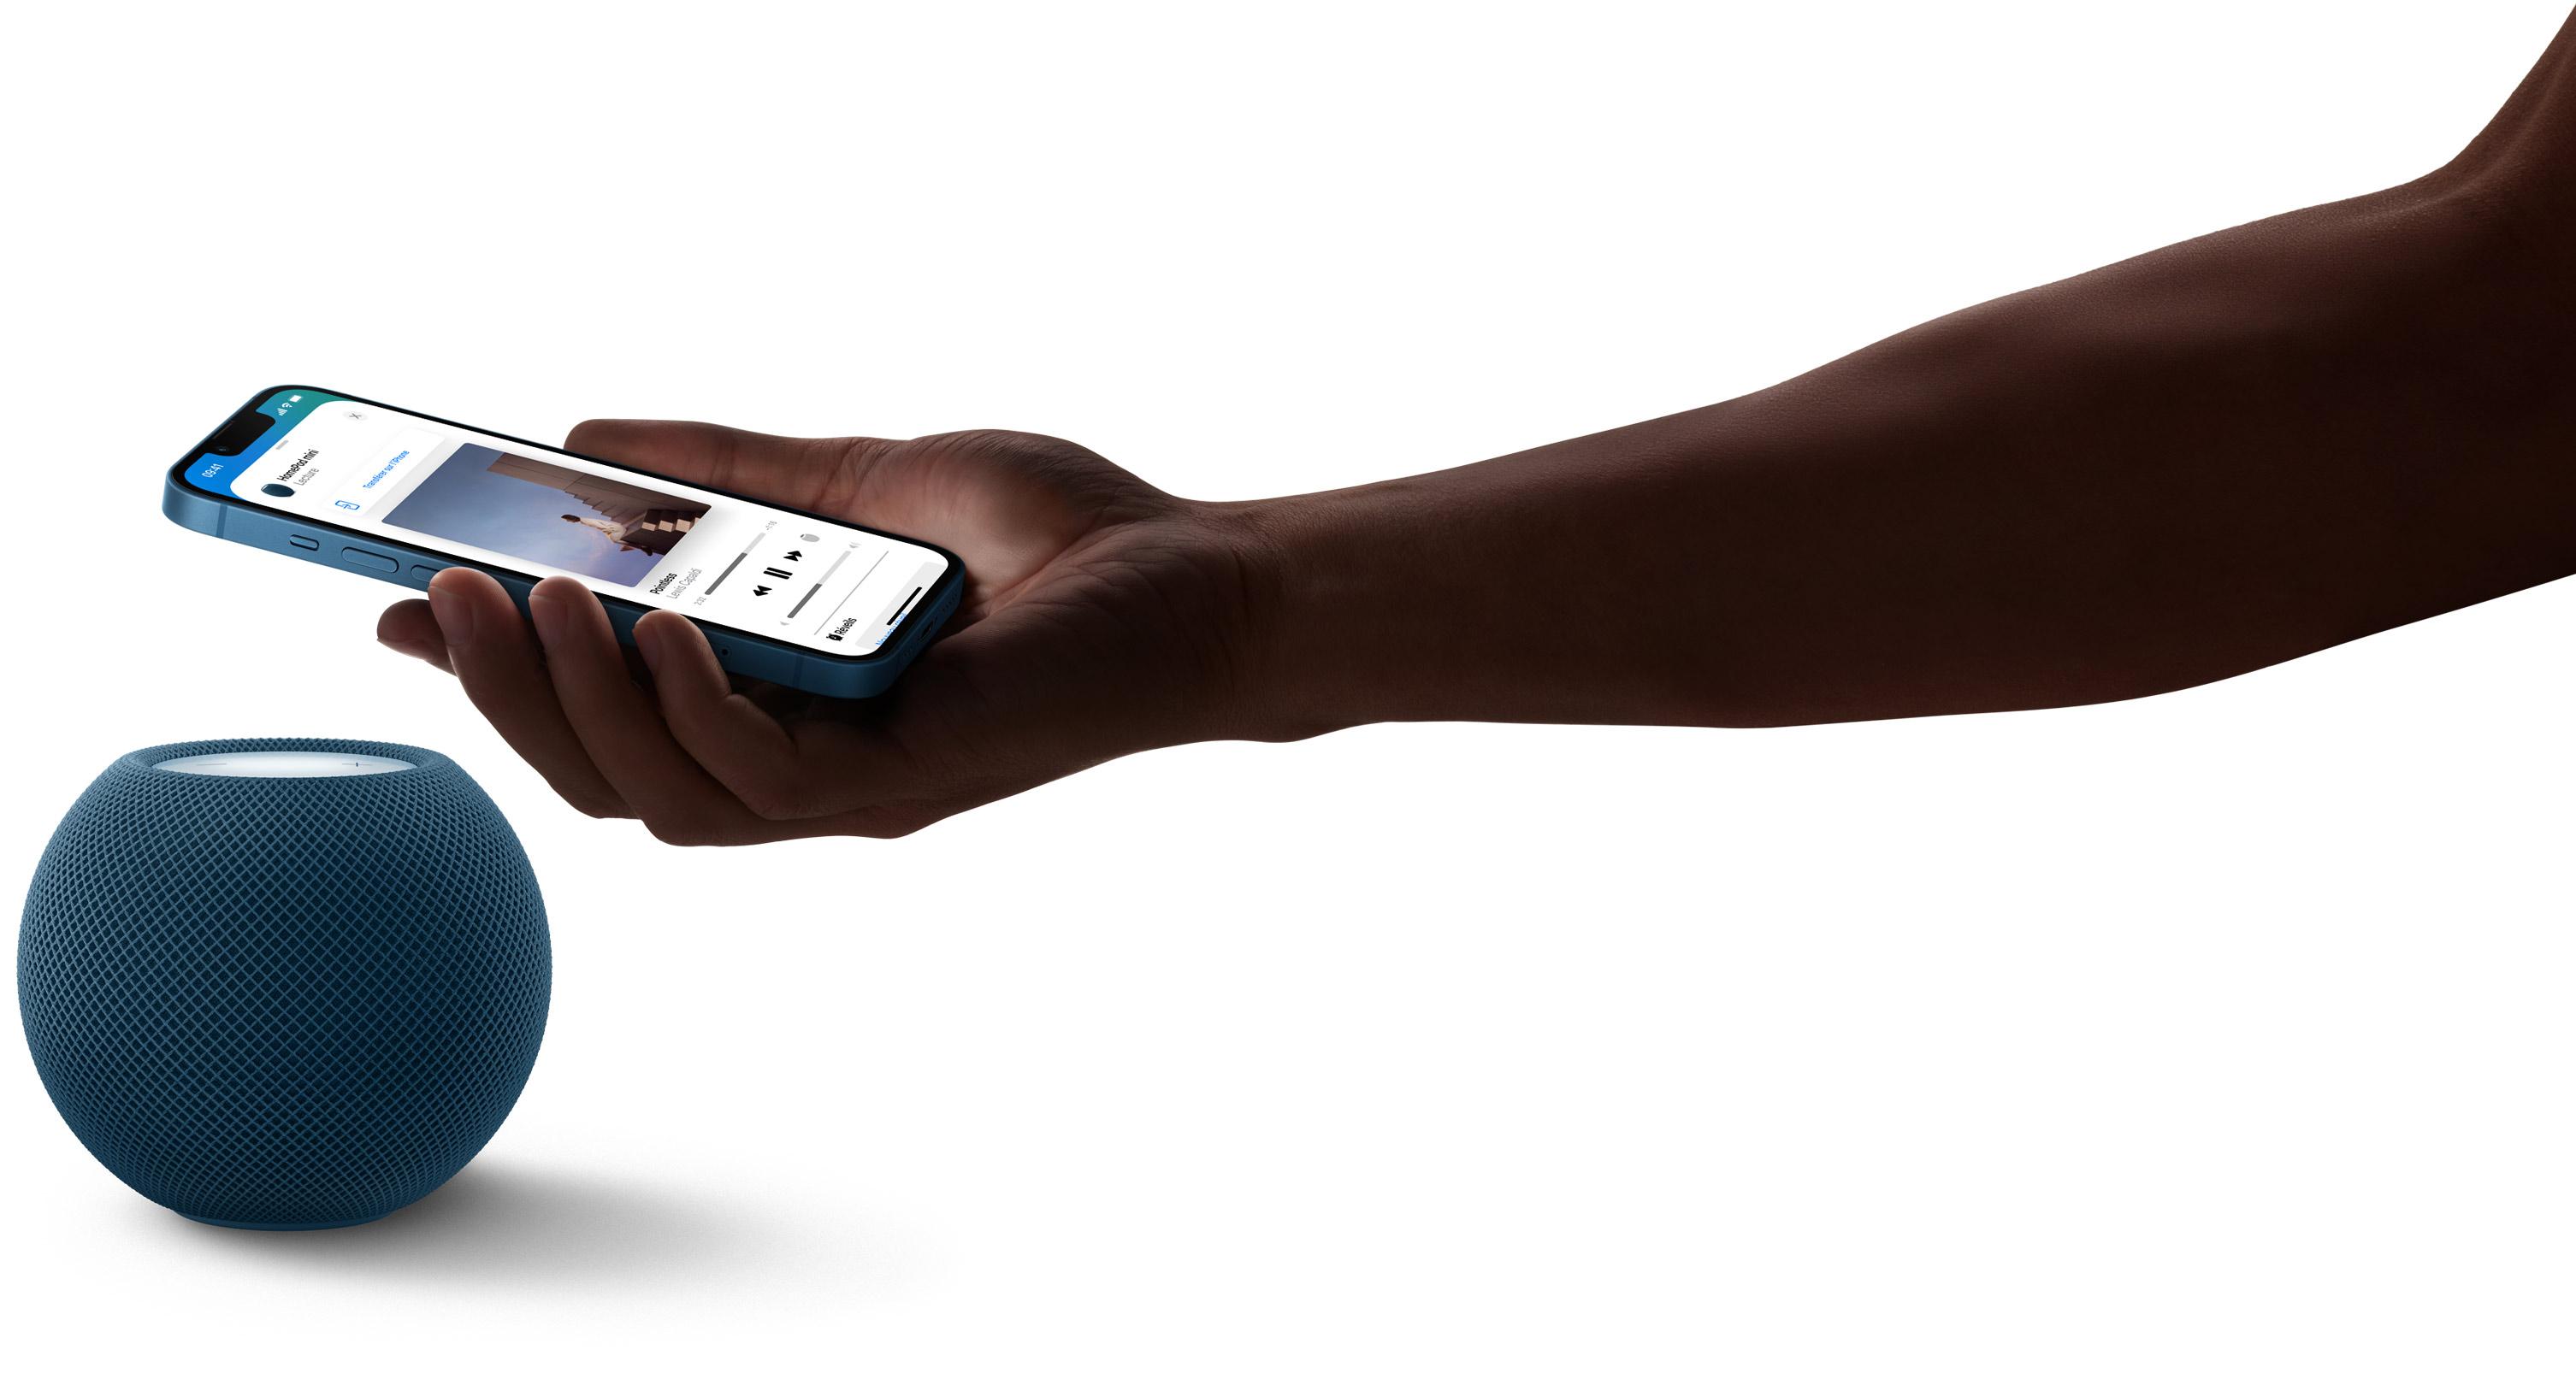 HomePod mini blanc au-dessus duquel la main d'une personne tient un iPhone. L'écran de cet iPhone montre de la musique en cours d'écoute.